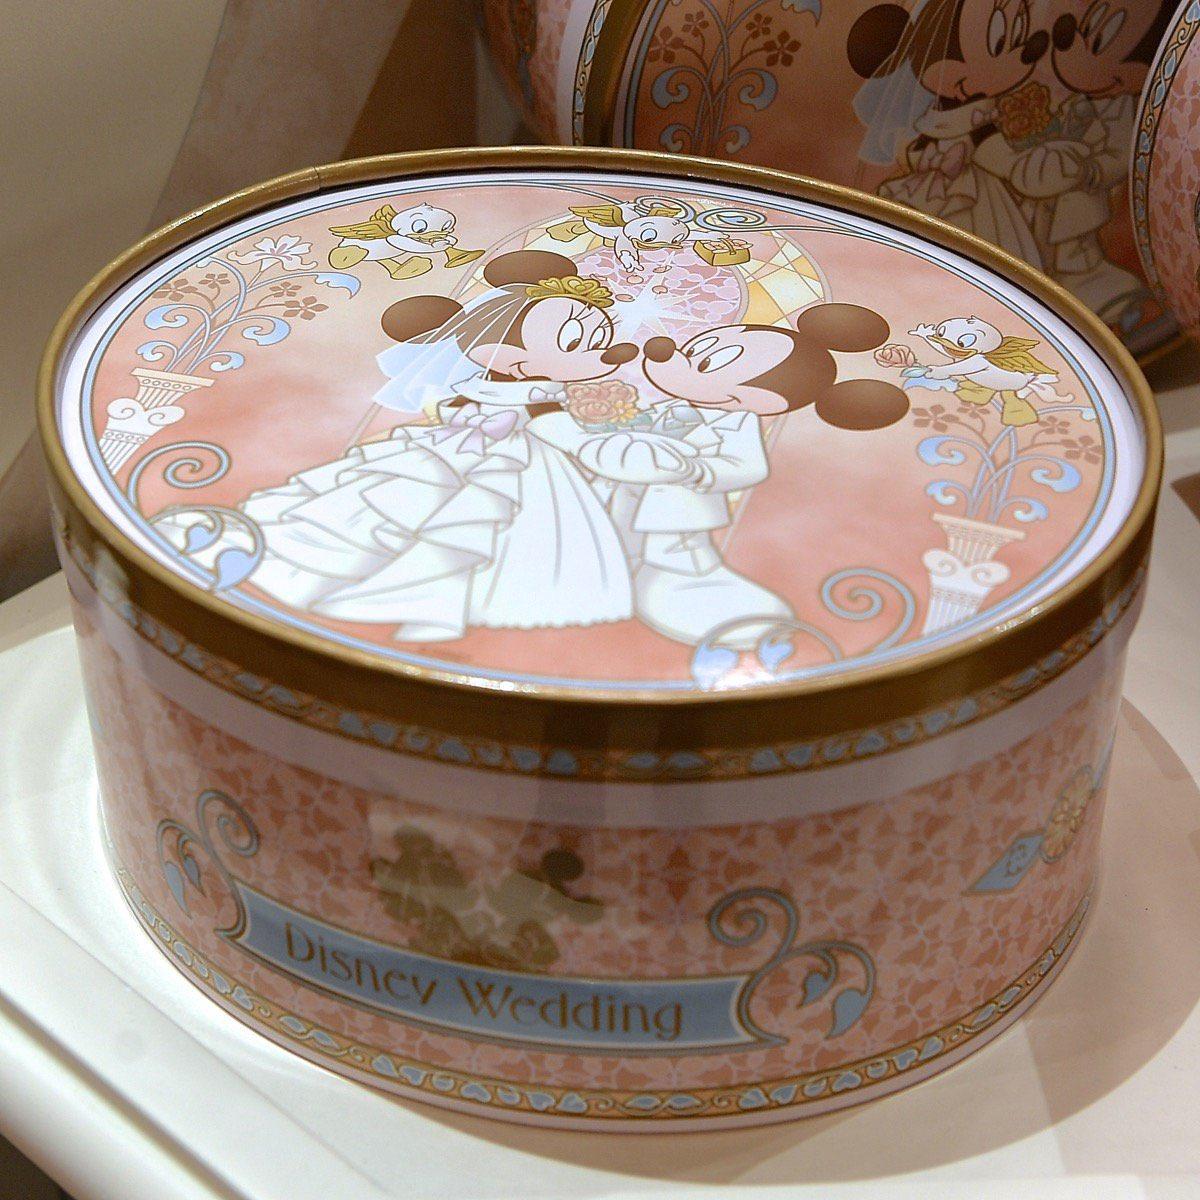 """mezzomikiのディズニーブログ on twitter: """"結婚式・新婚旅行につか"""